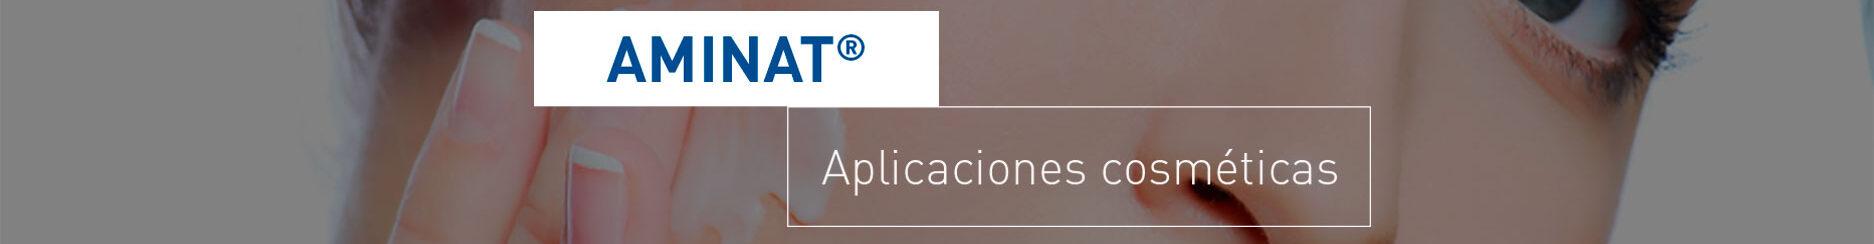 LAE-RSPO-conservante-sector-cosmetico